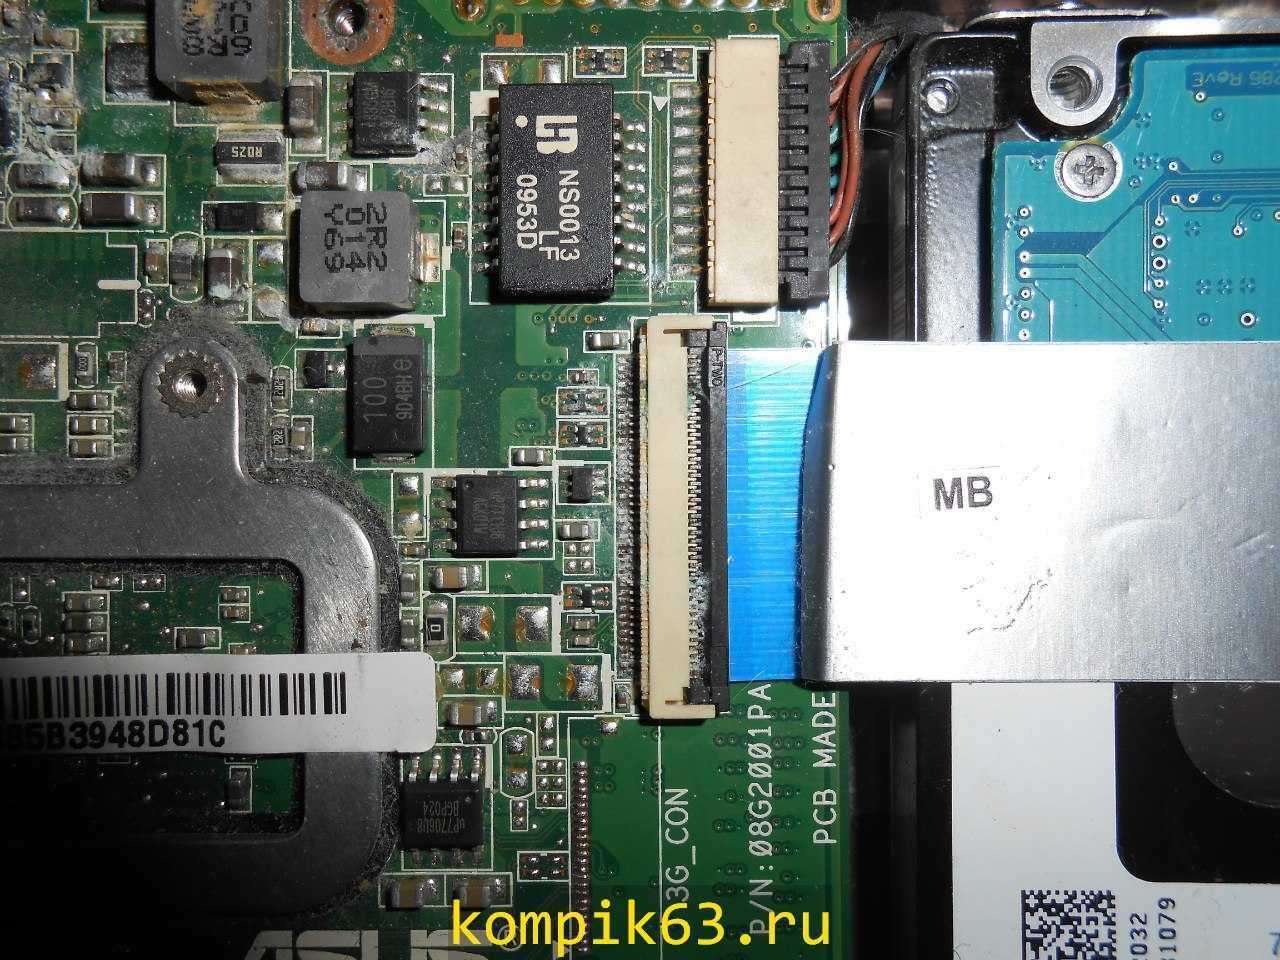 kompik63.ru-116